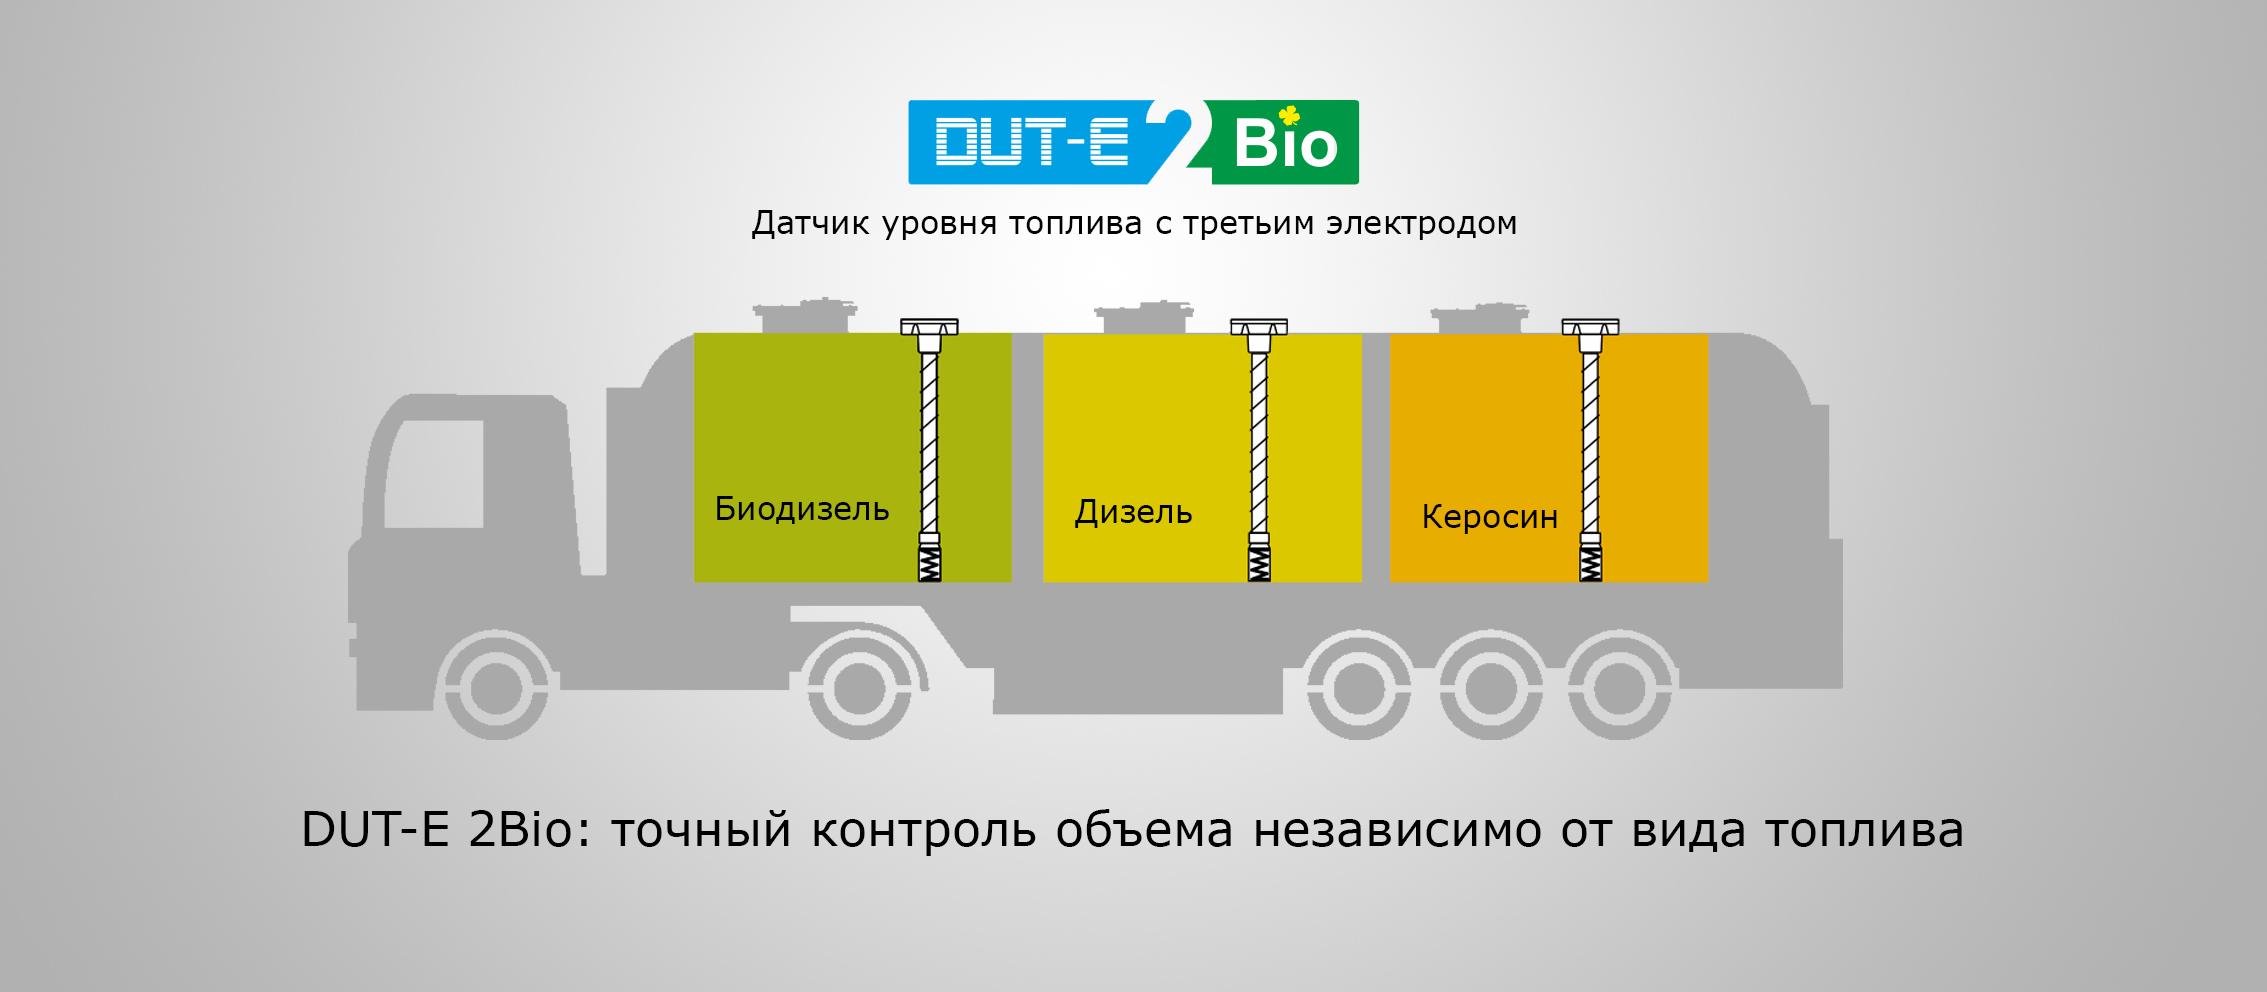 DUT-E 2Bio: точный контроль объёма независимо от вида топлива